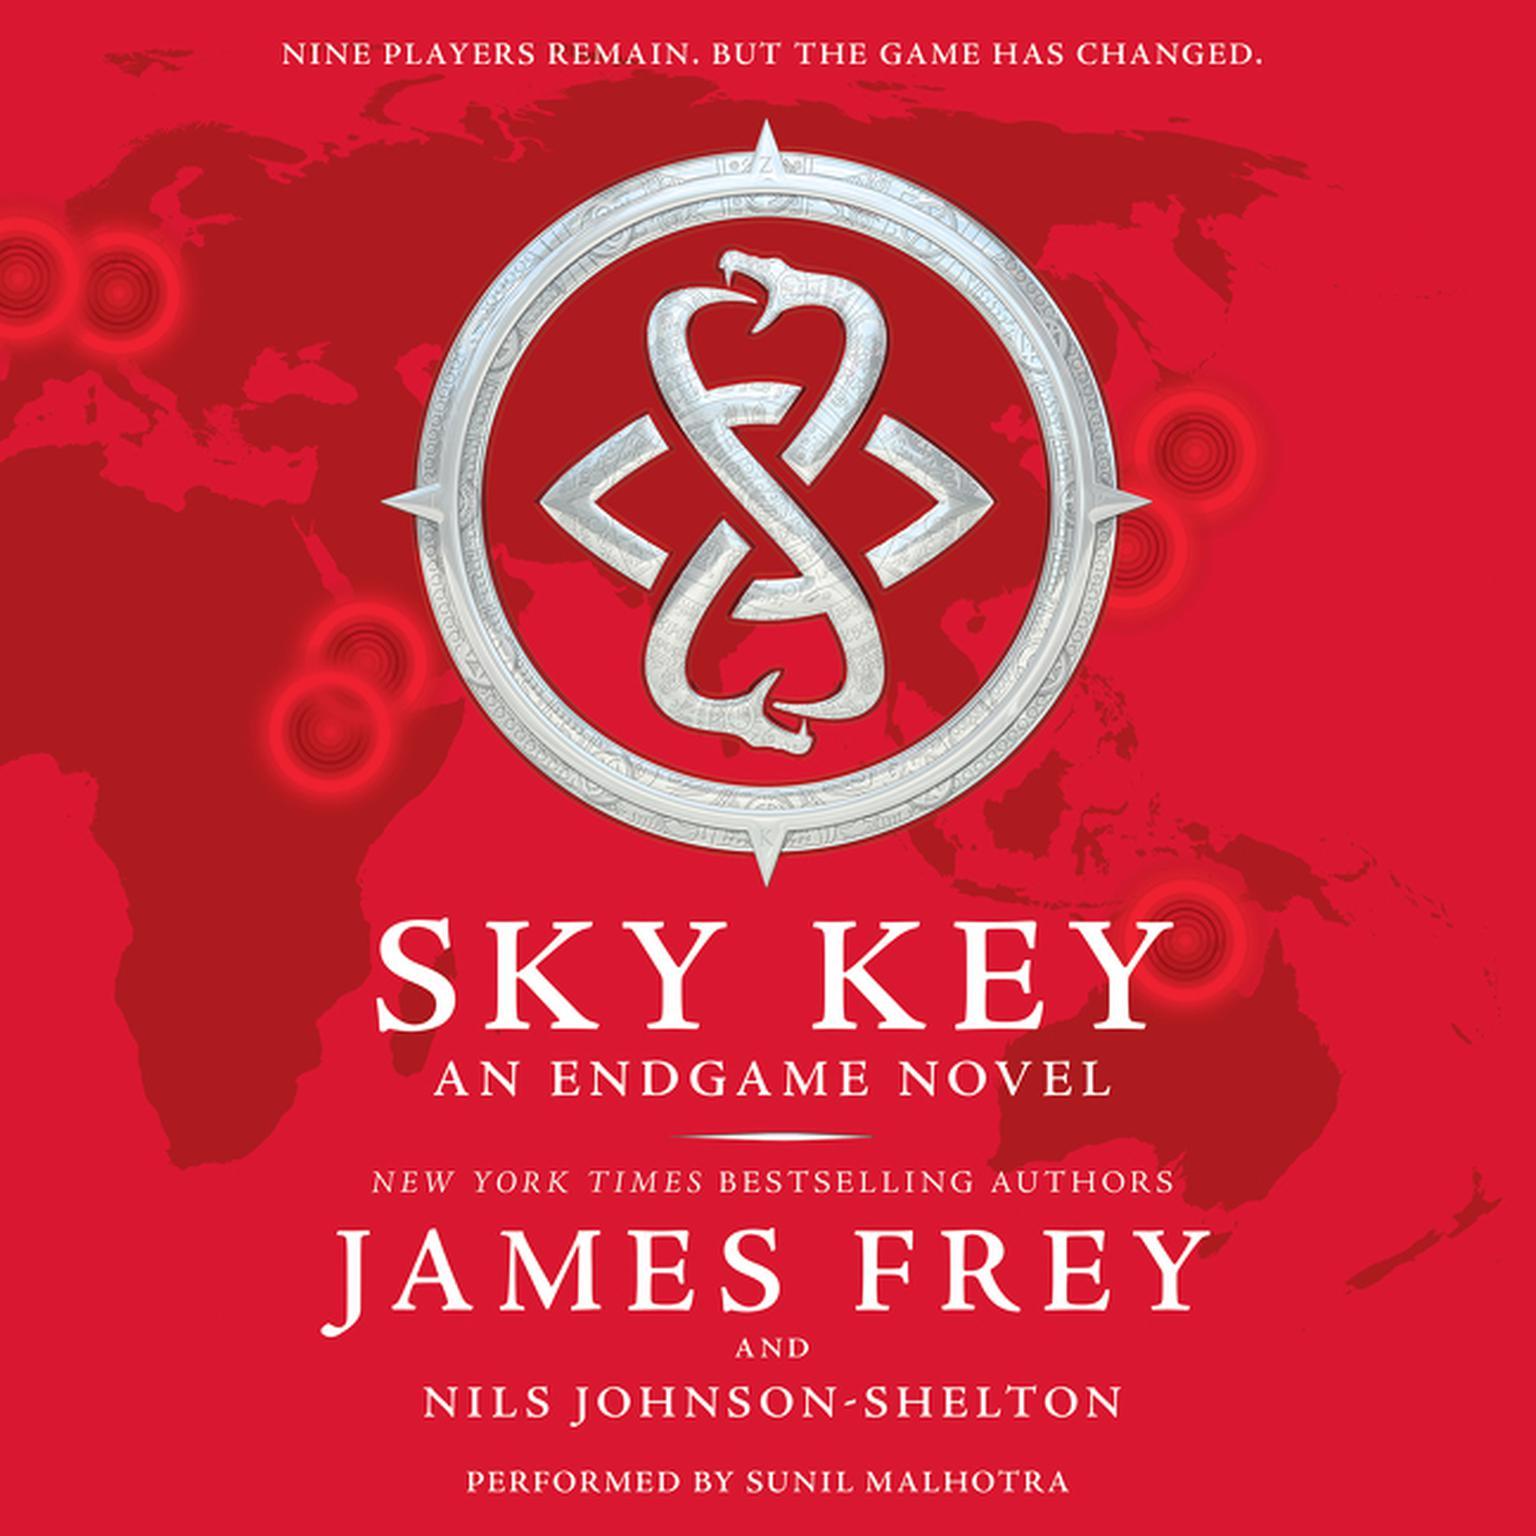 Printable Endgame: Sky Key: An Endgame Novel Audiobook Cover Art